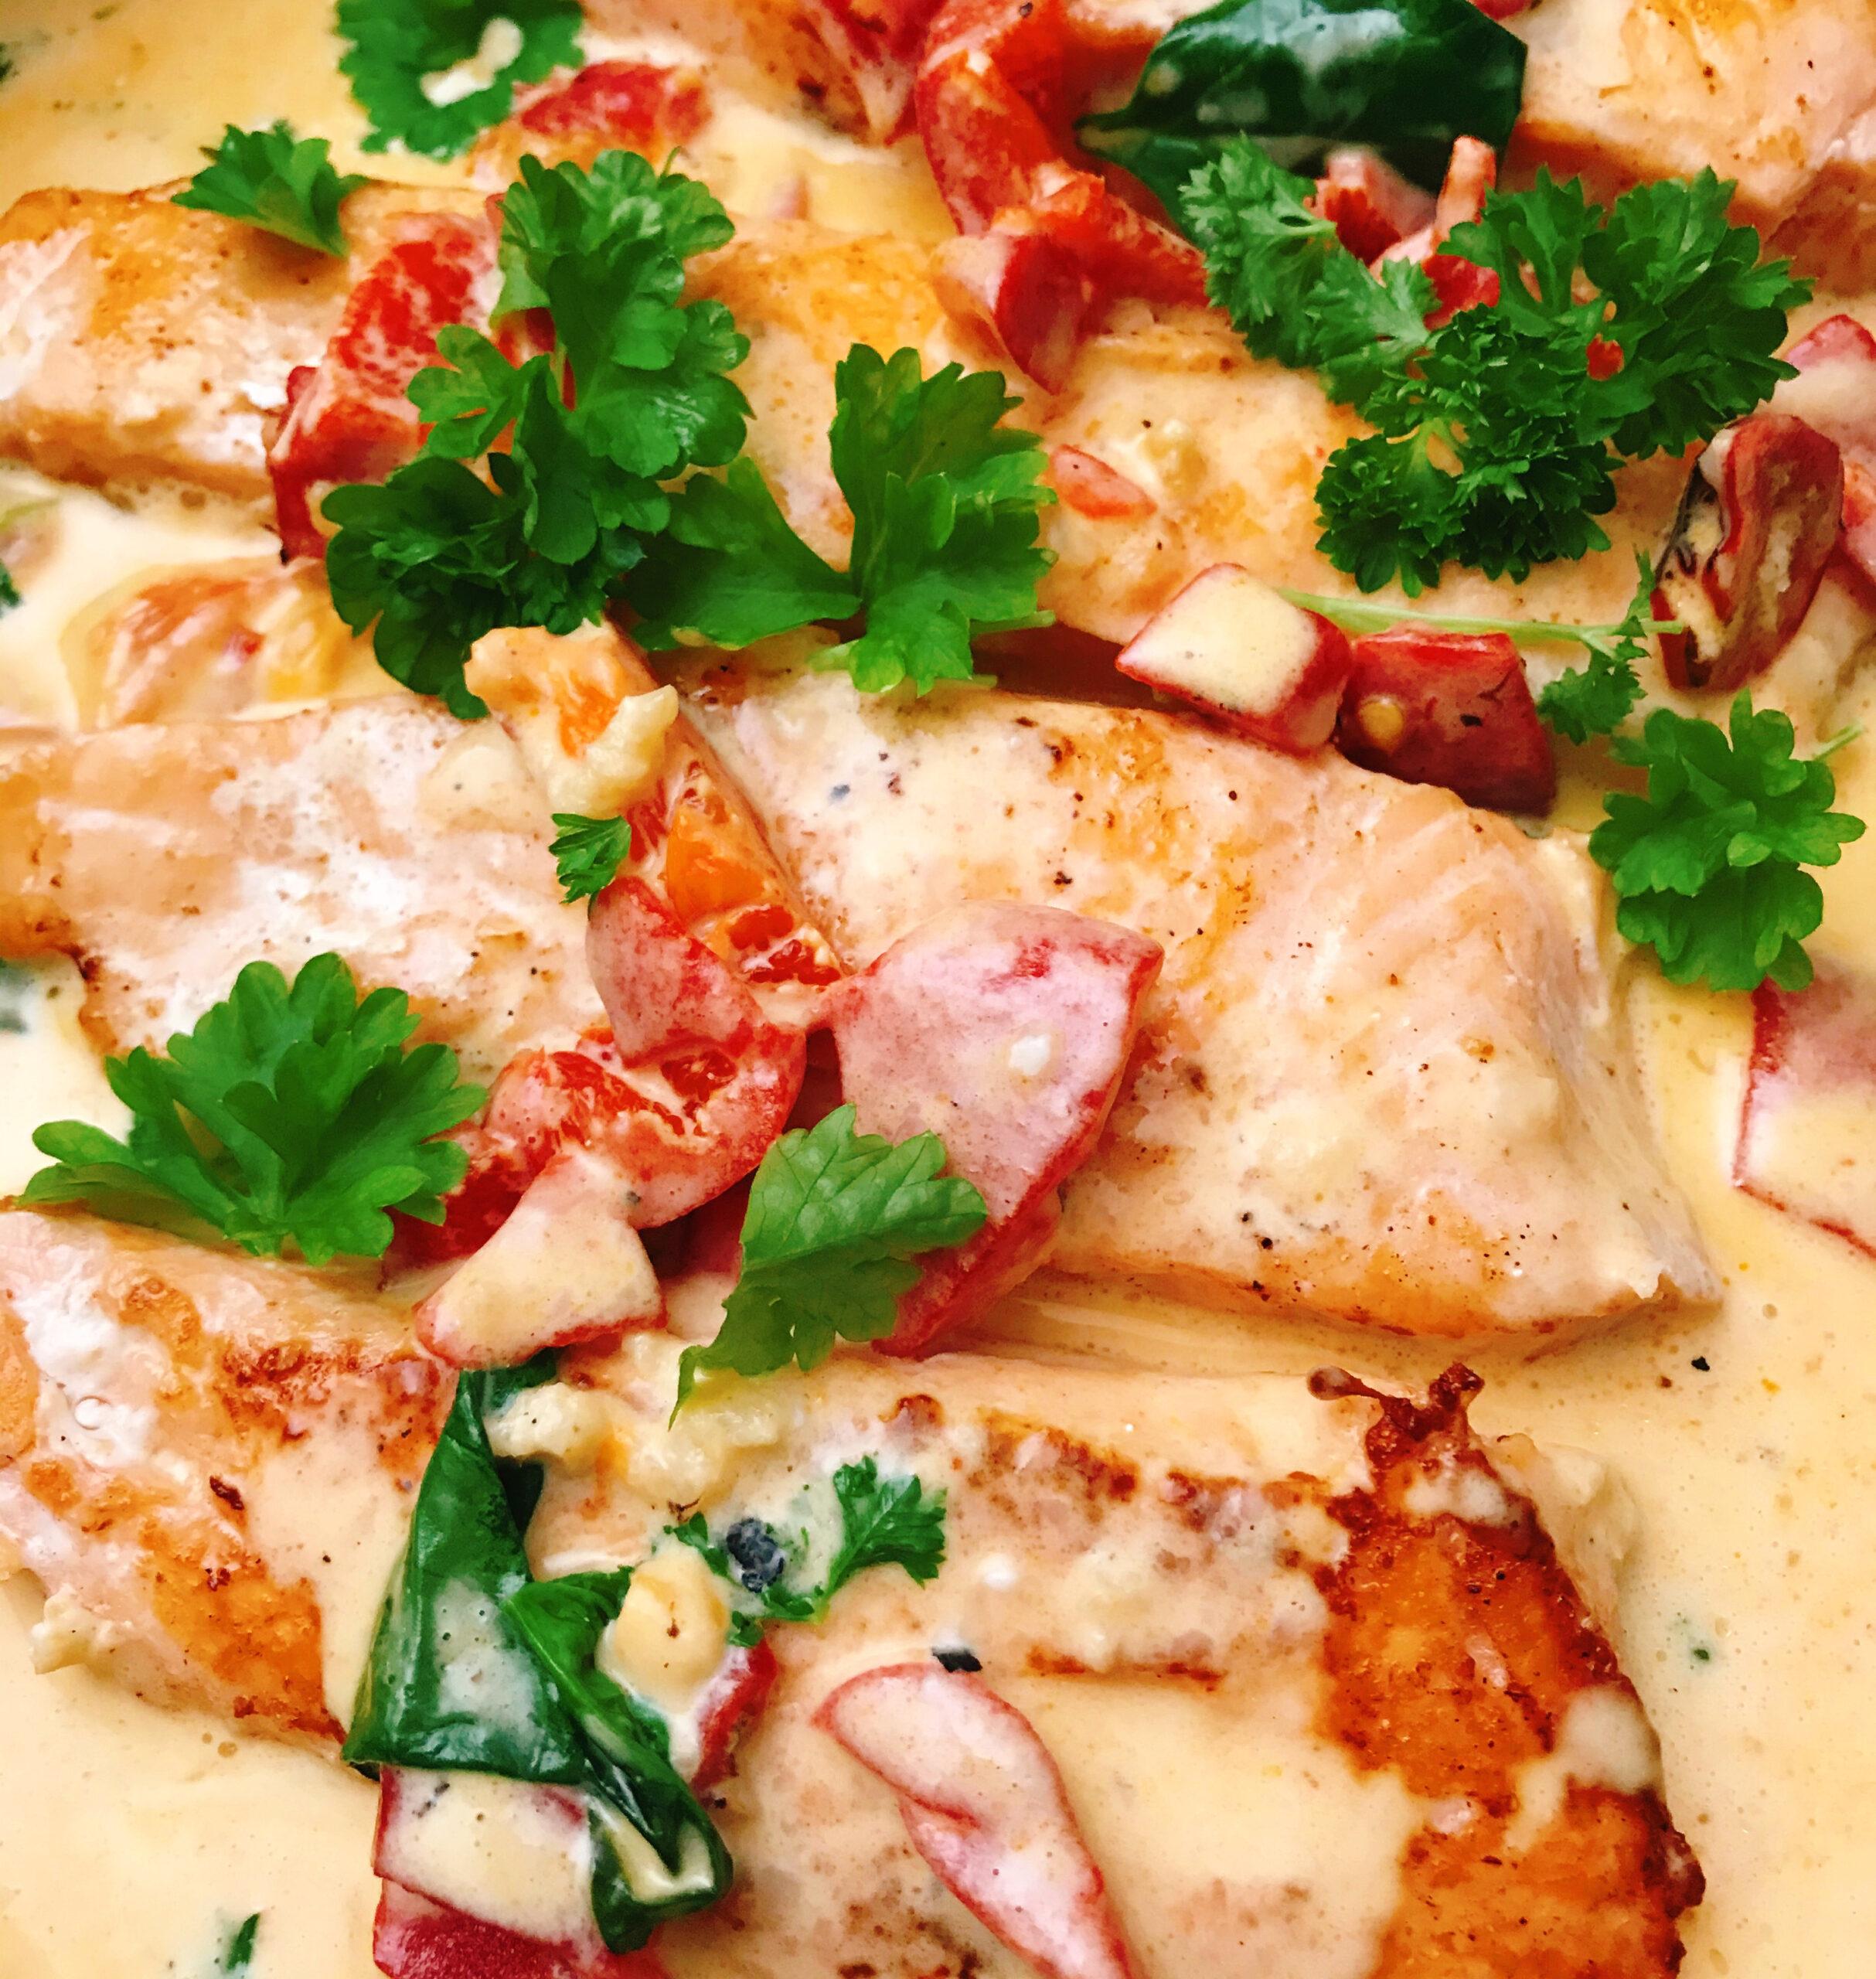 Lax i krämig sås med rostad paprika och parmesan